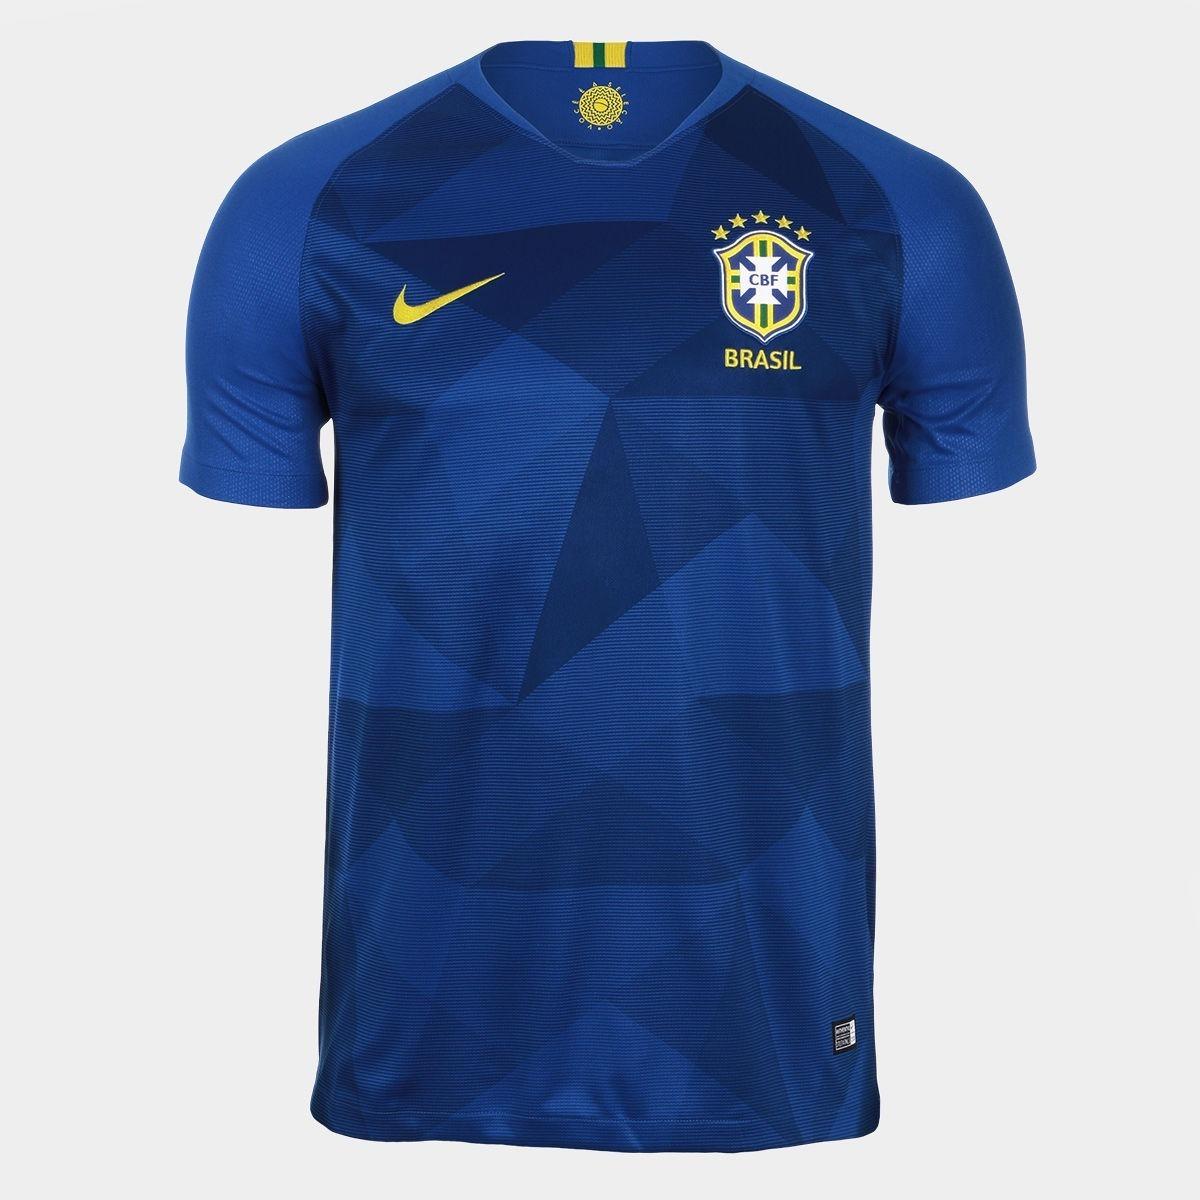 17a213e5aae53 nova camisa futebol seleção brasileira oficial copa 2018 top. Carregando  zoom.